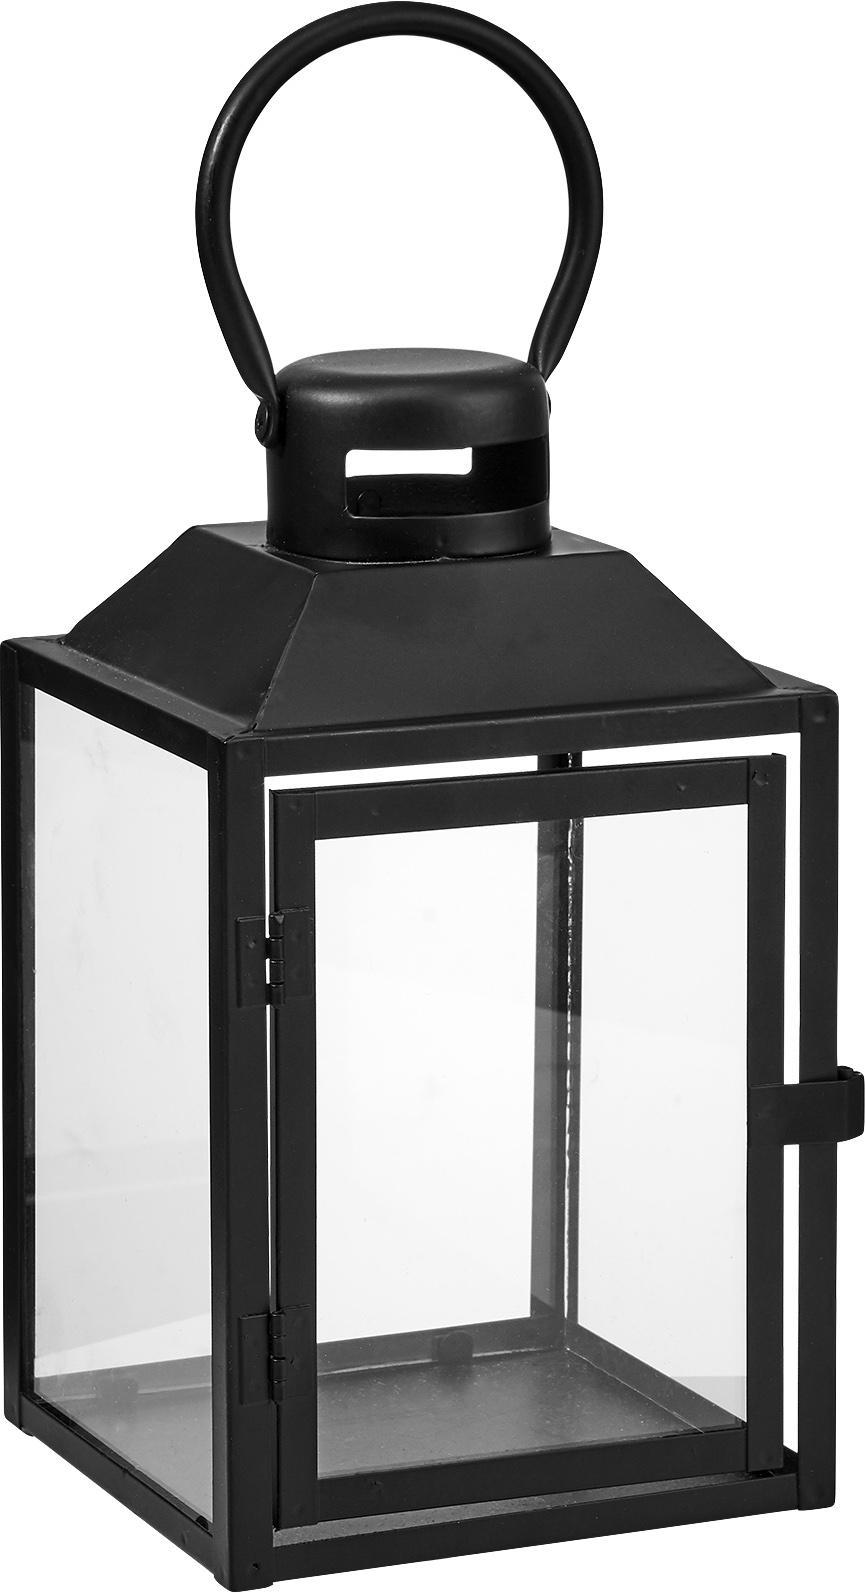 Lantaarn Lighthouse van metaal, Metaal, glas, Zwart, transparant, 13 x 24 cm